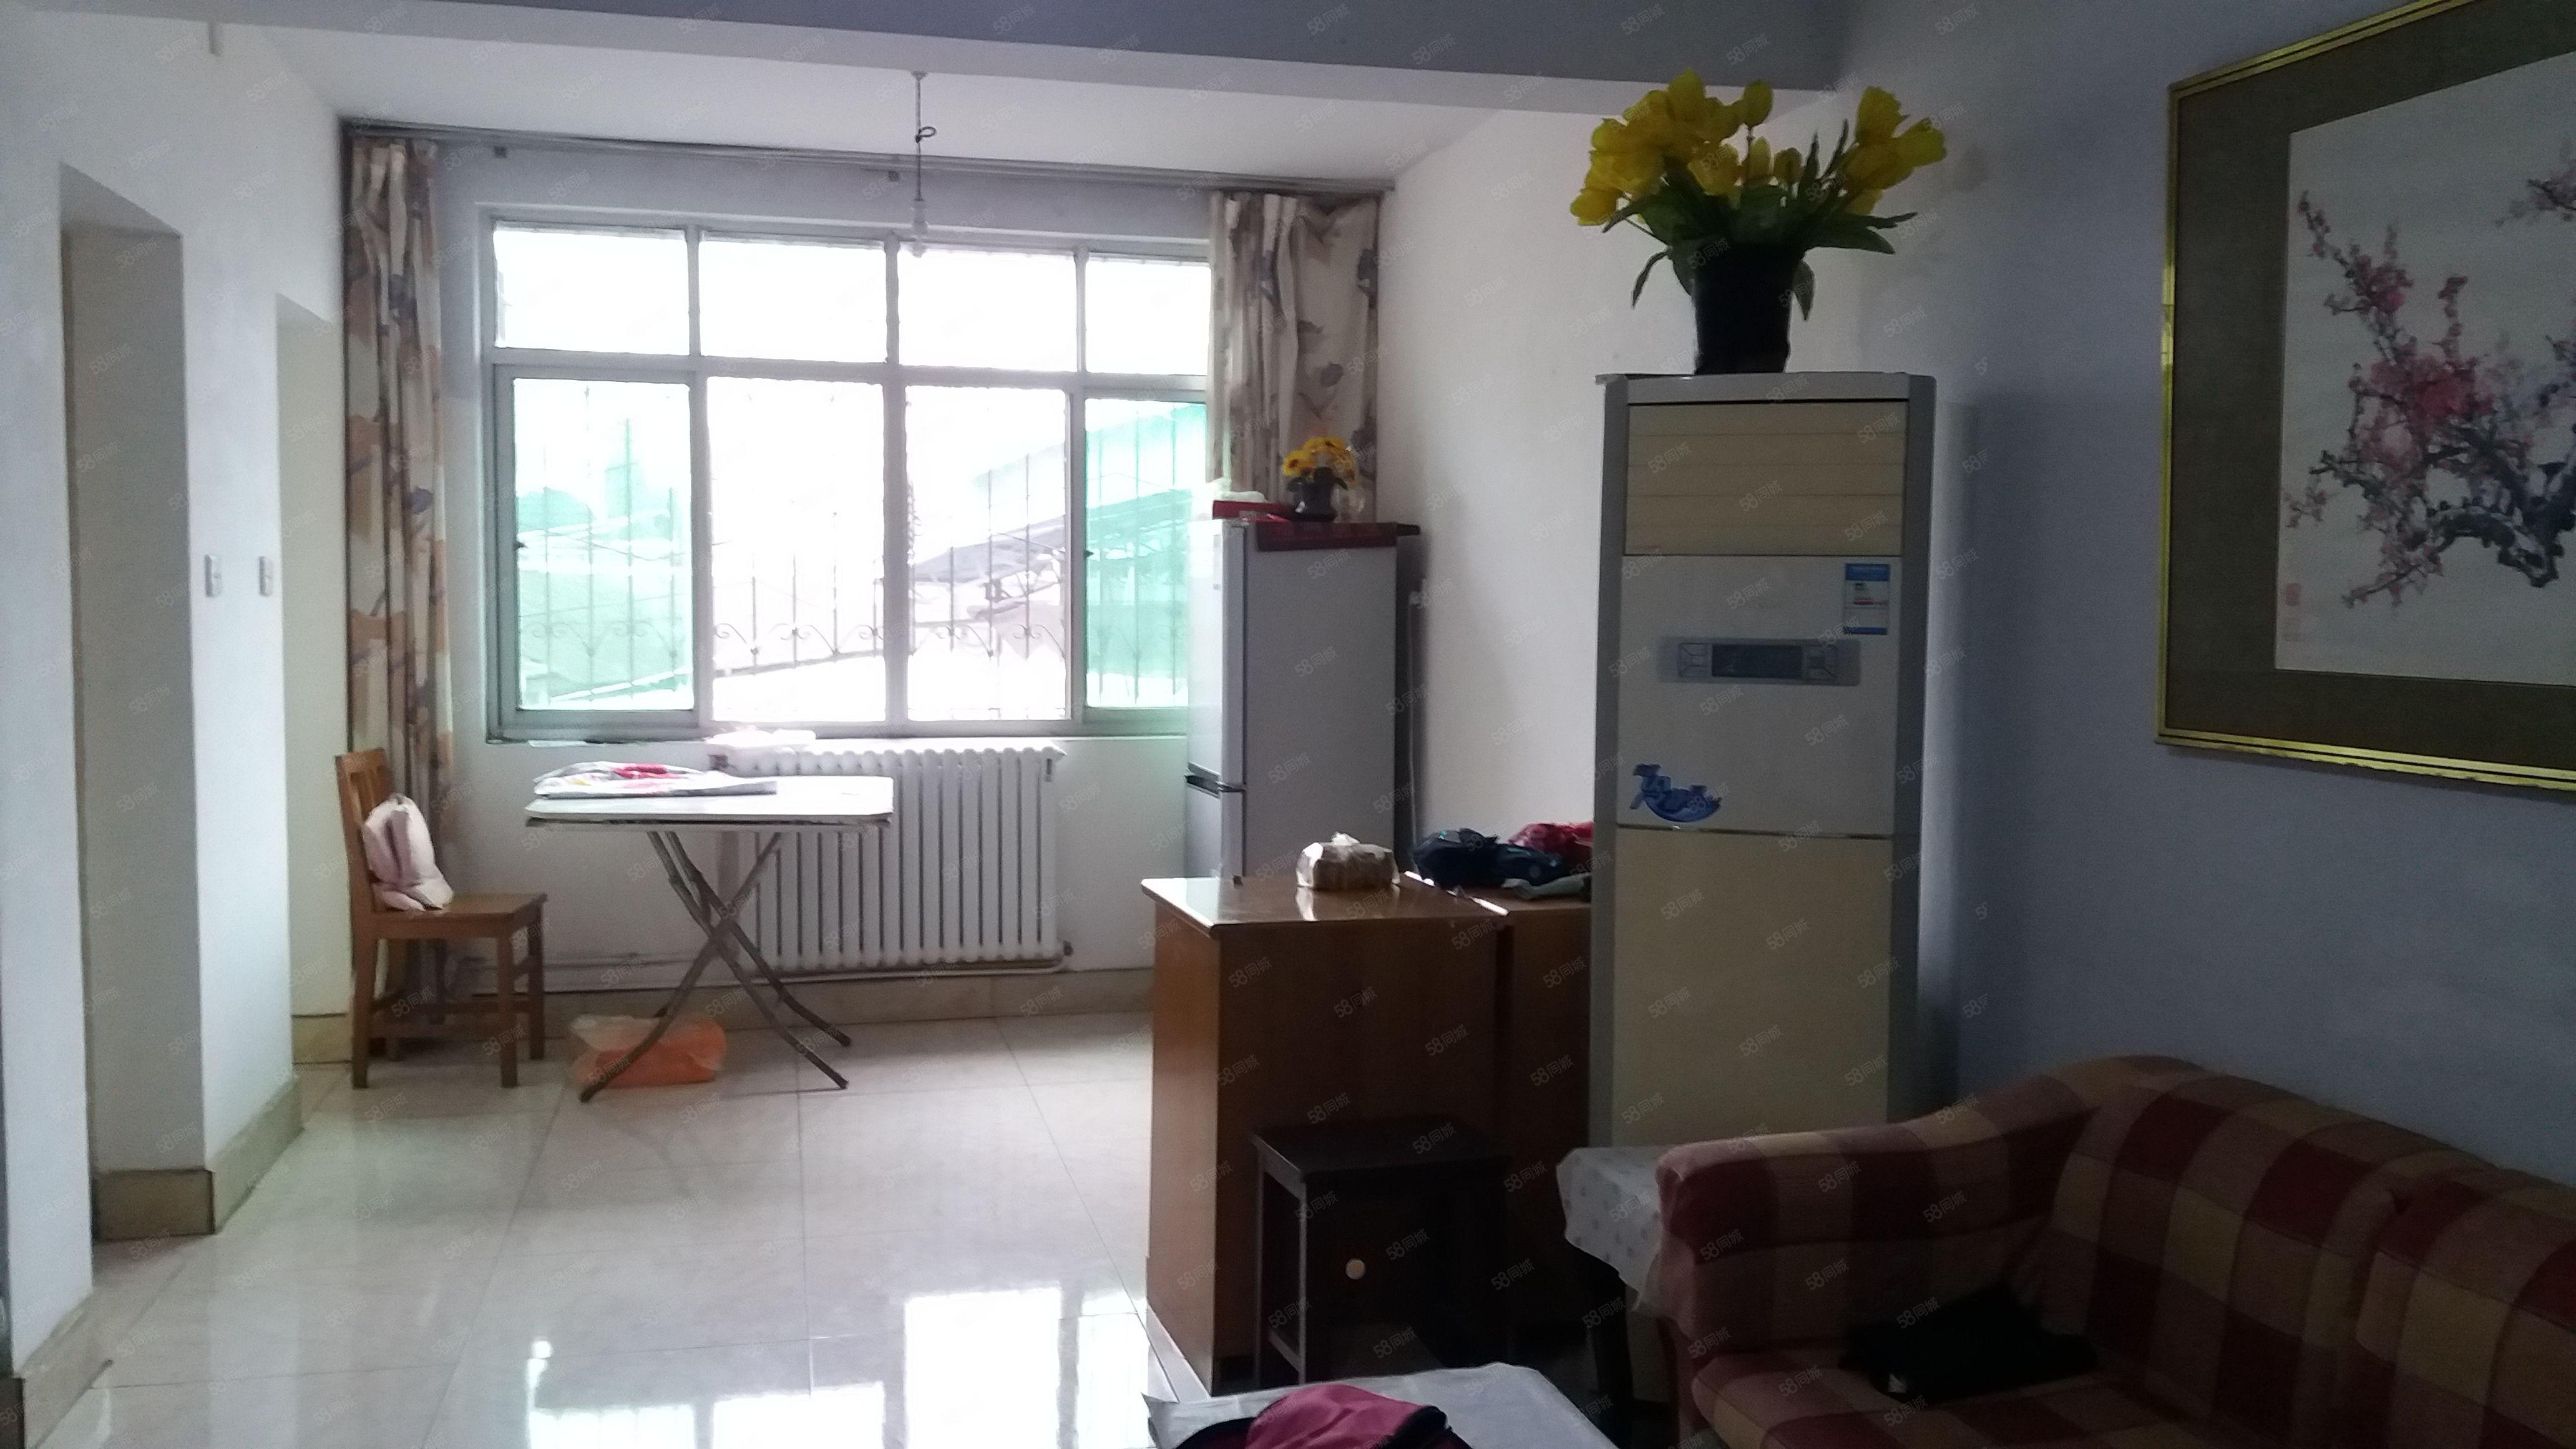 急急!上班上學2樓精裝兩室帶家具家電有壁掛爐送柴房